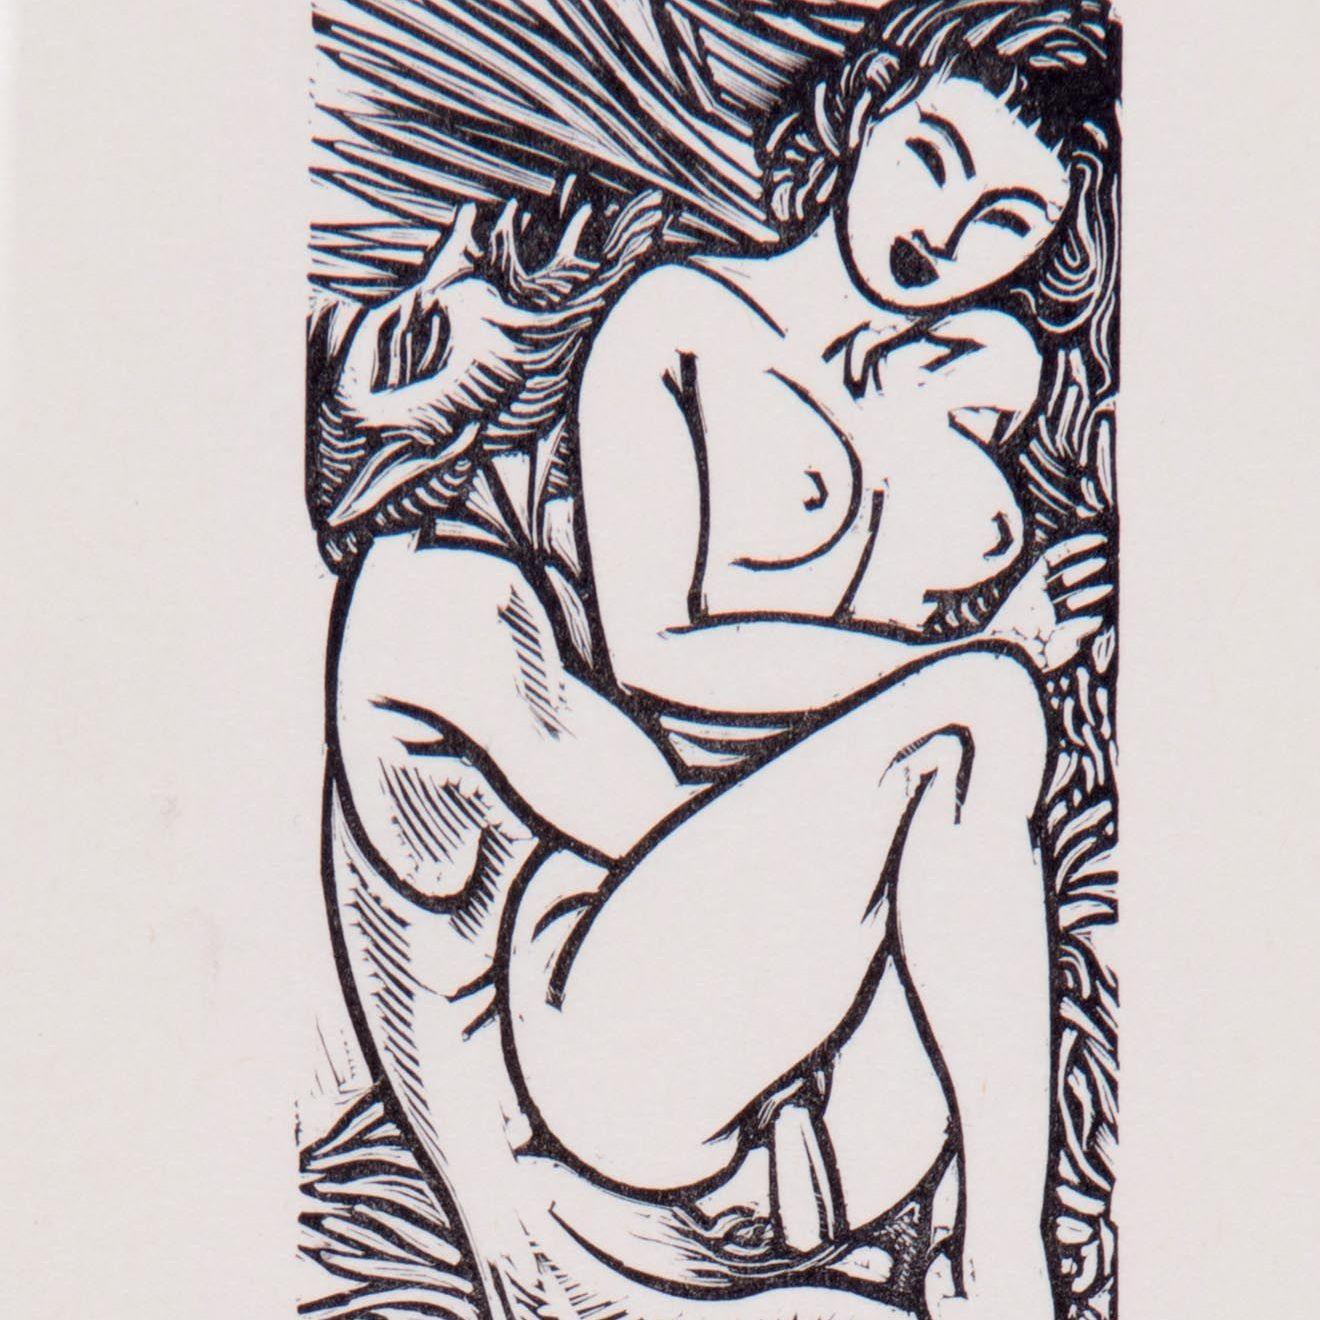 Ilustraciones eróticas por John Buckland Wright